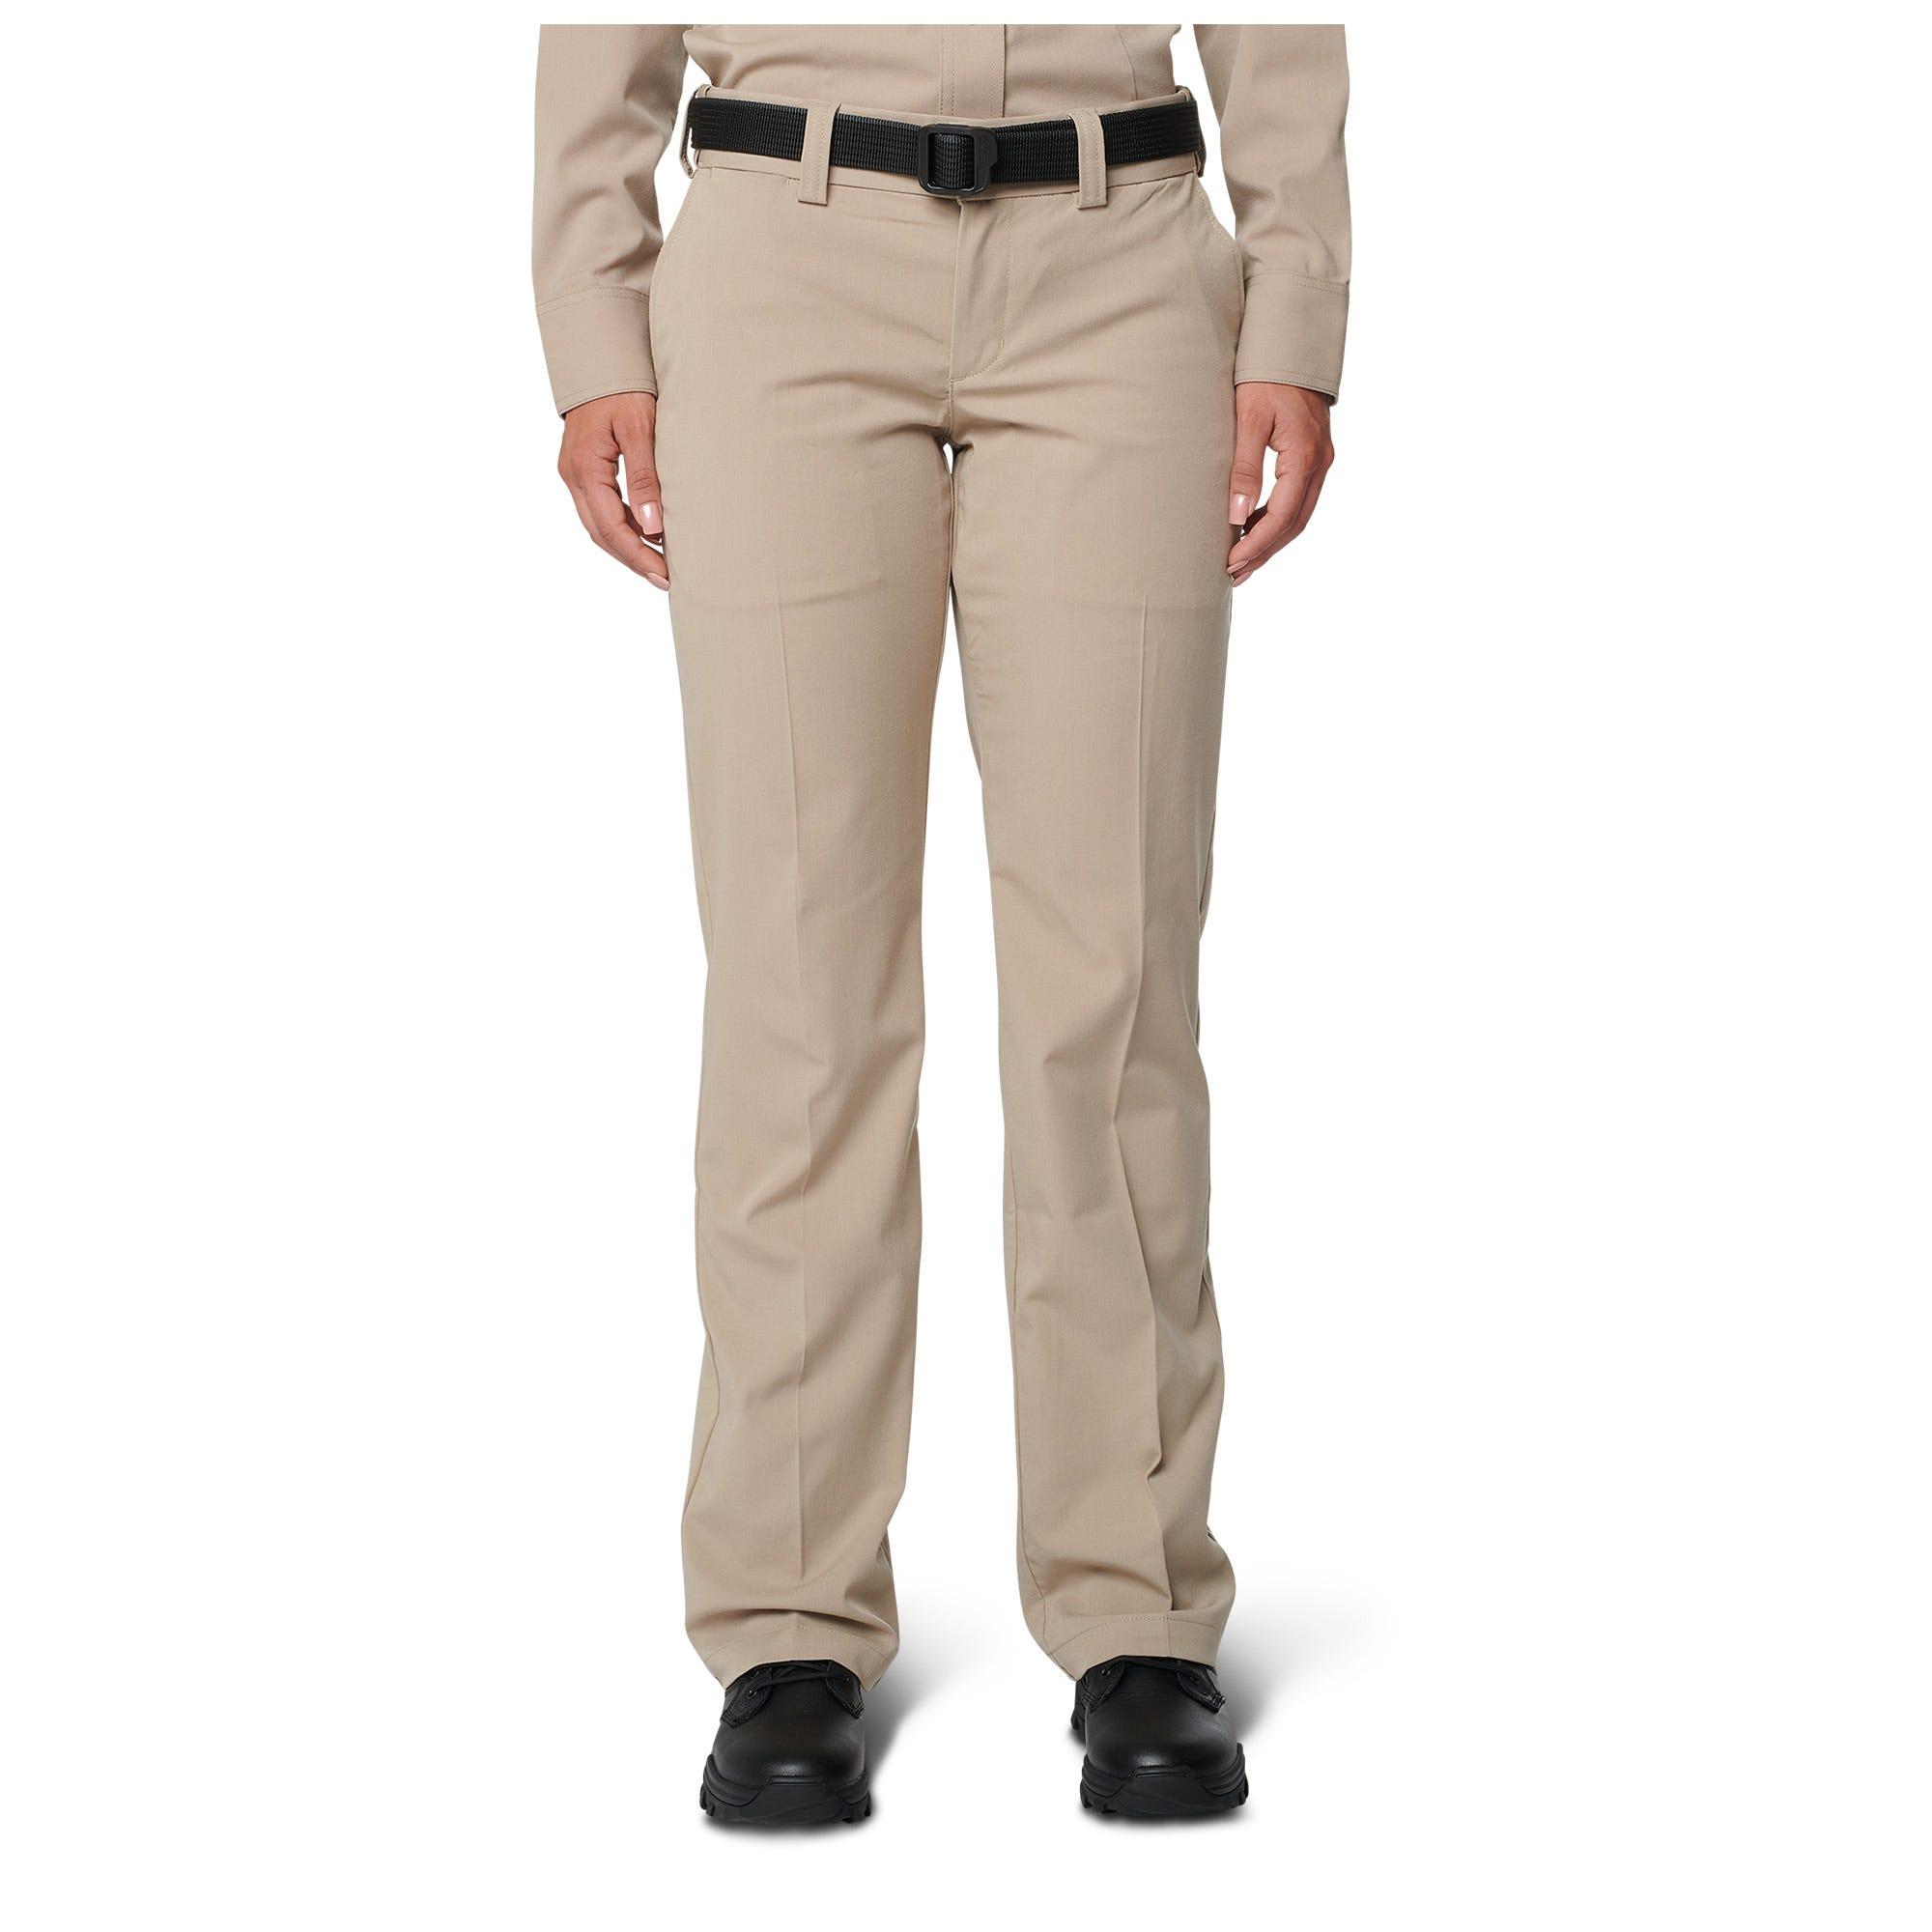 5.11 Tactical Women's Womens PDU Class A Flex Tac Poly/Wool Pant